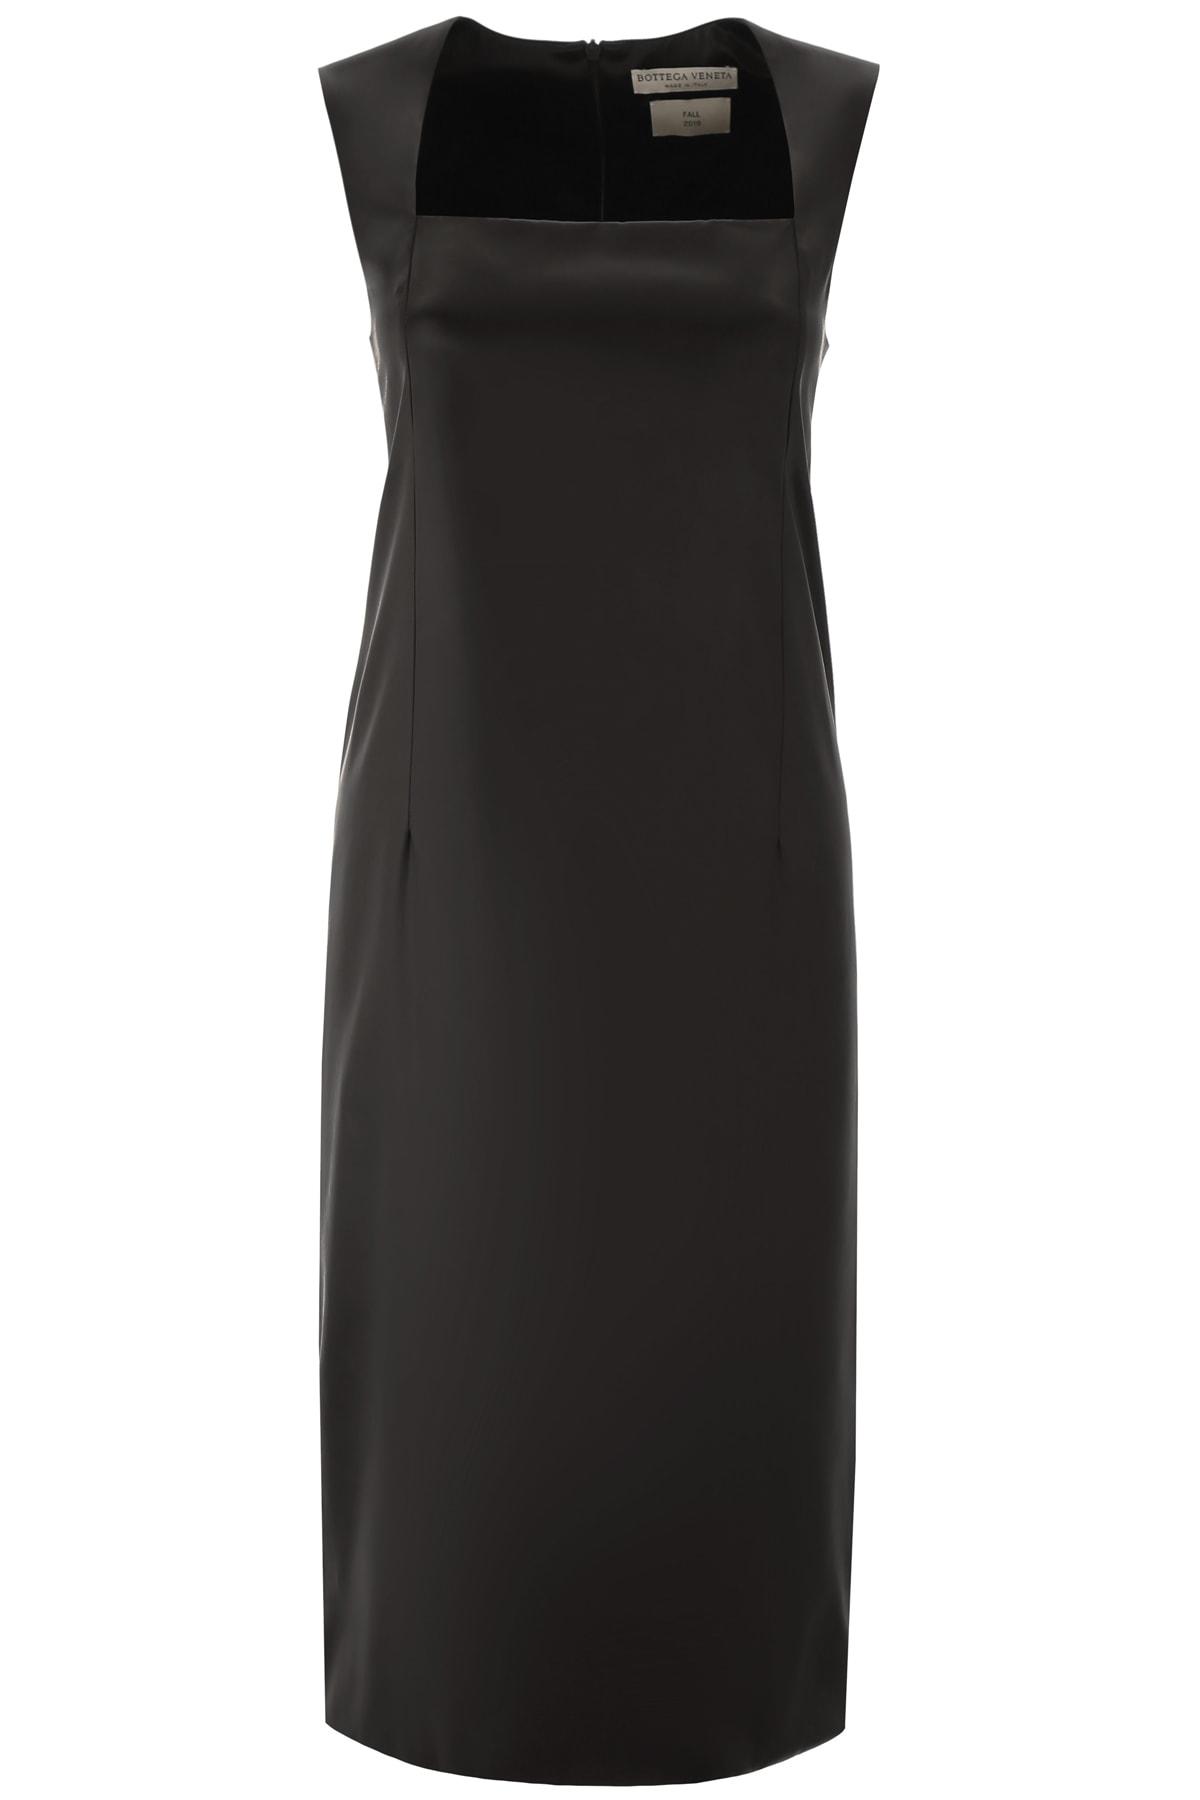 Bottega Veneta Satin Midi Dress